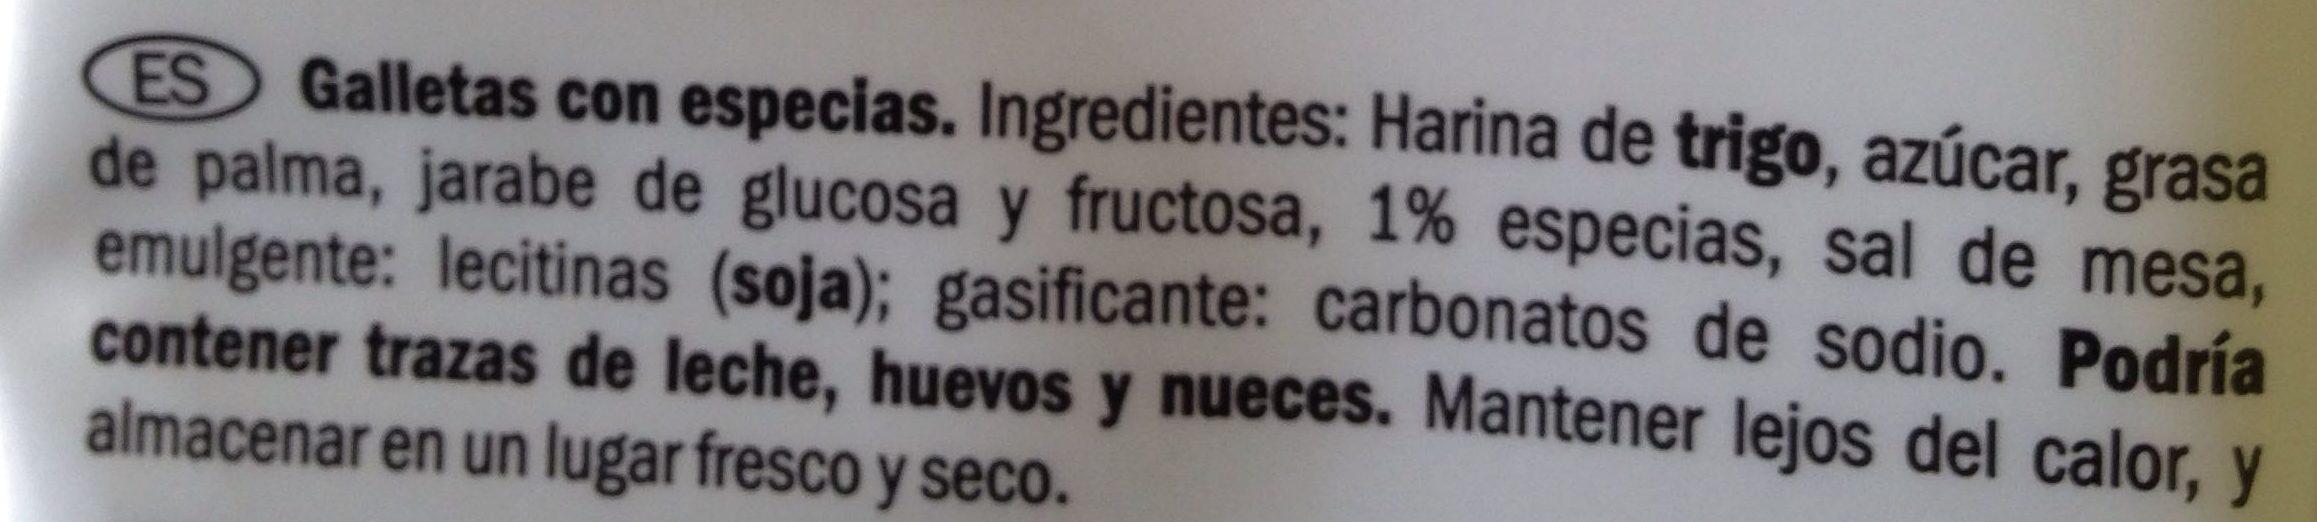 Speculoos - Ingredientes